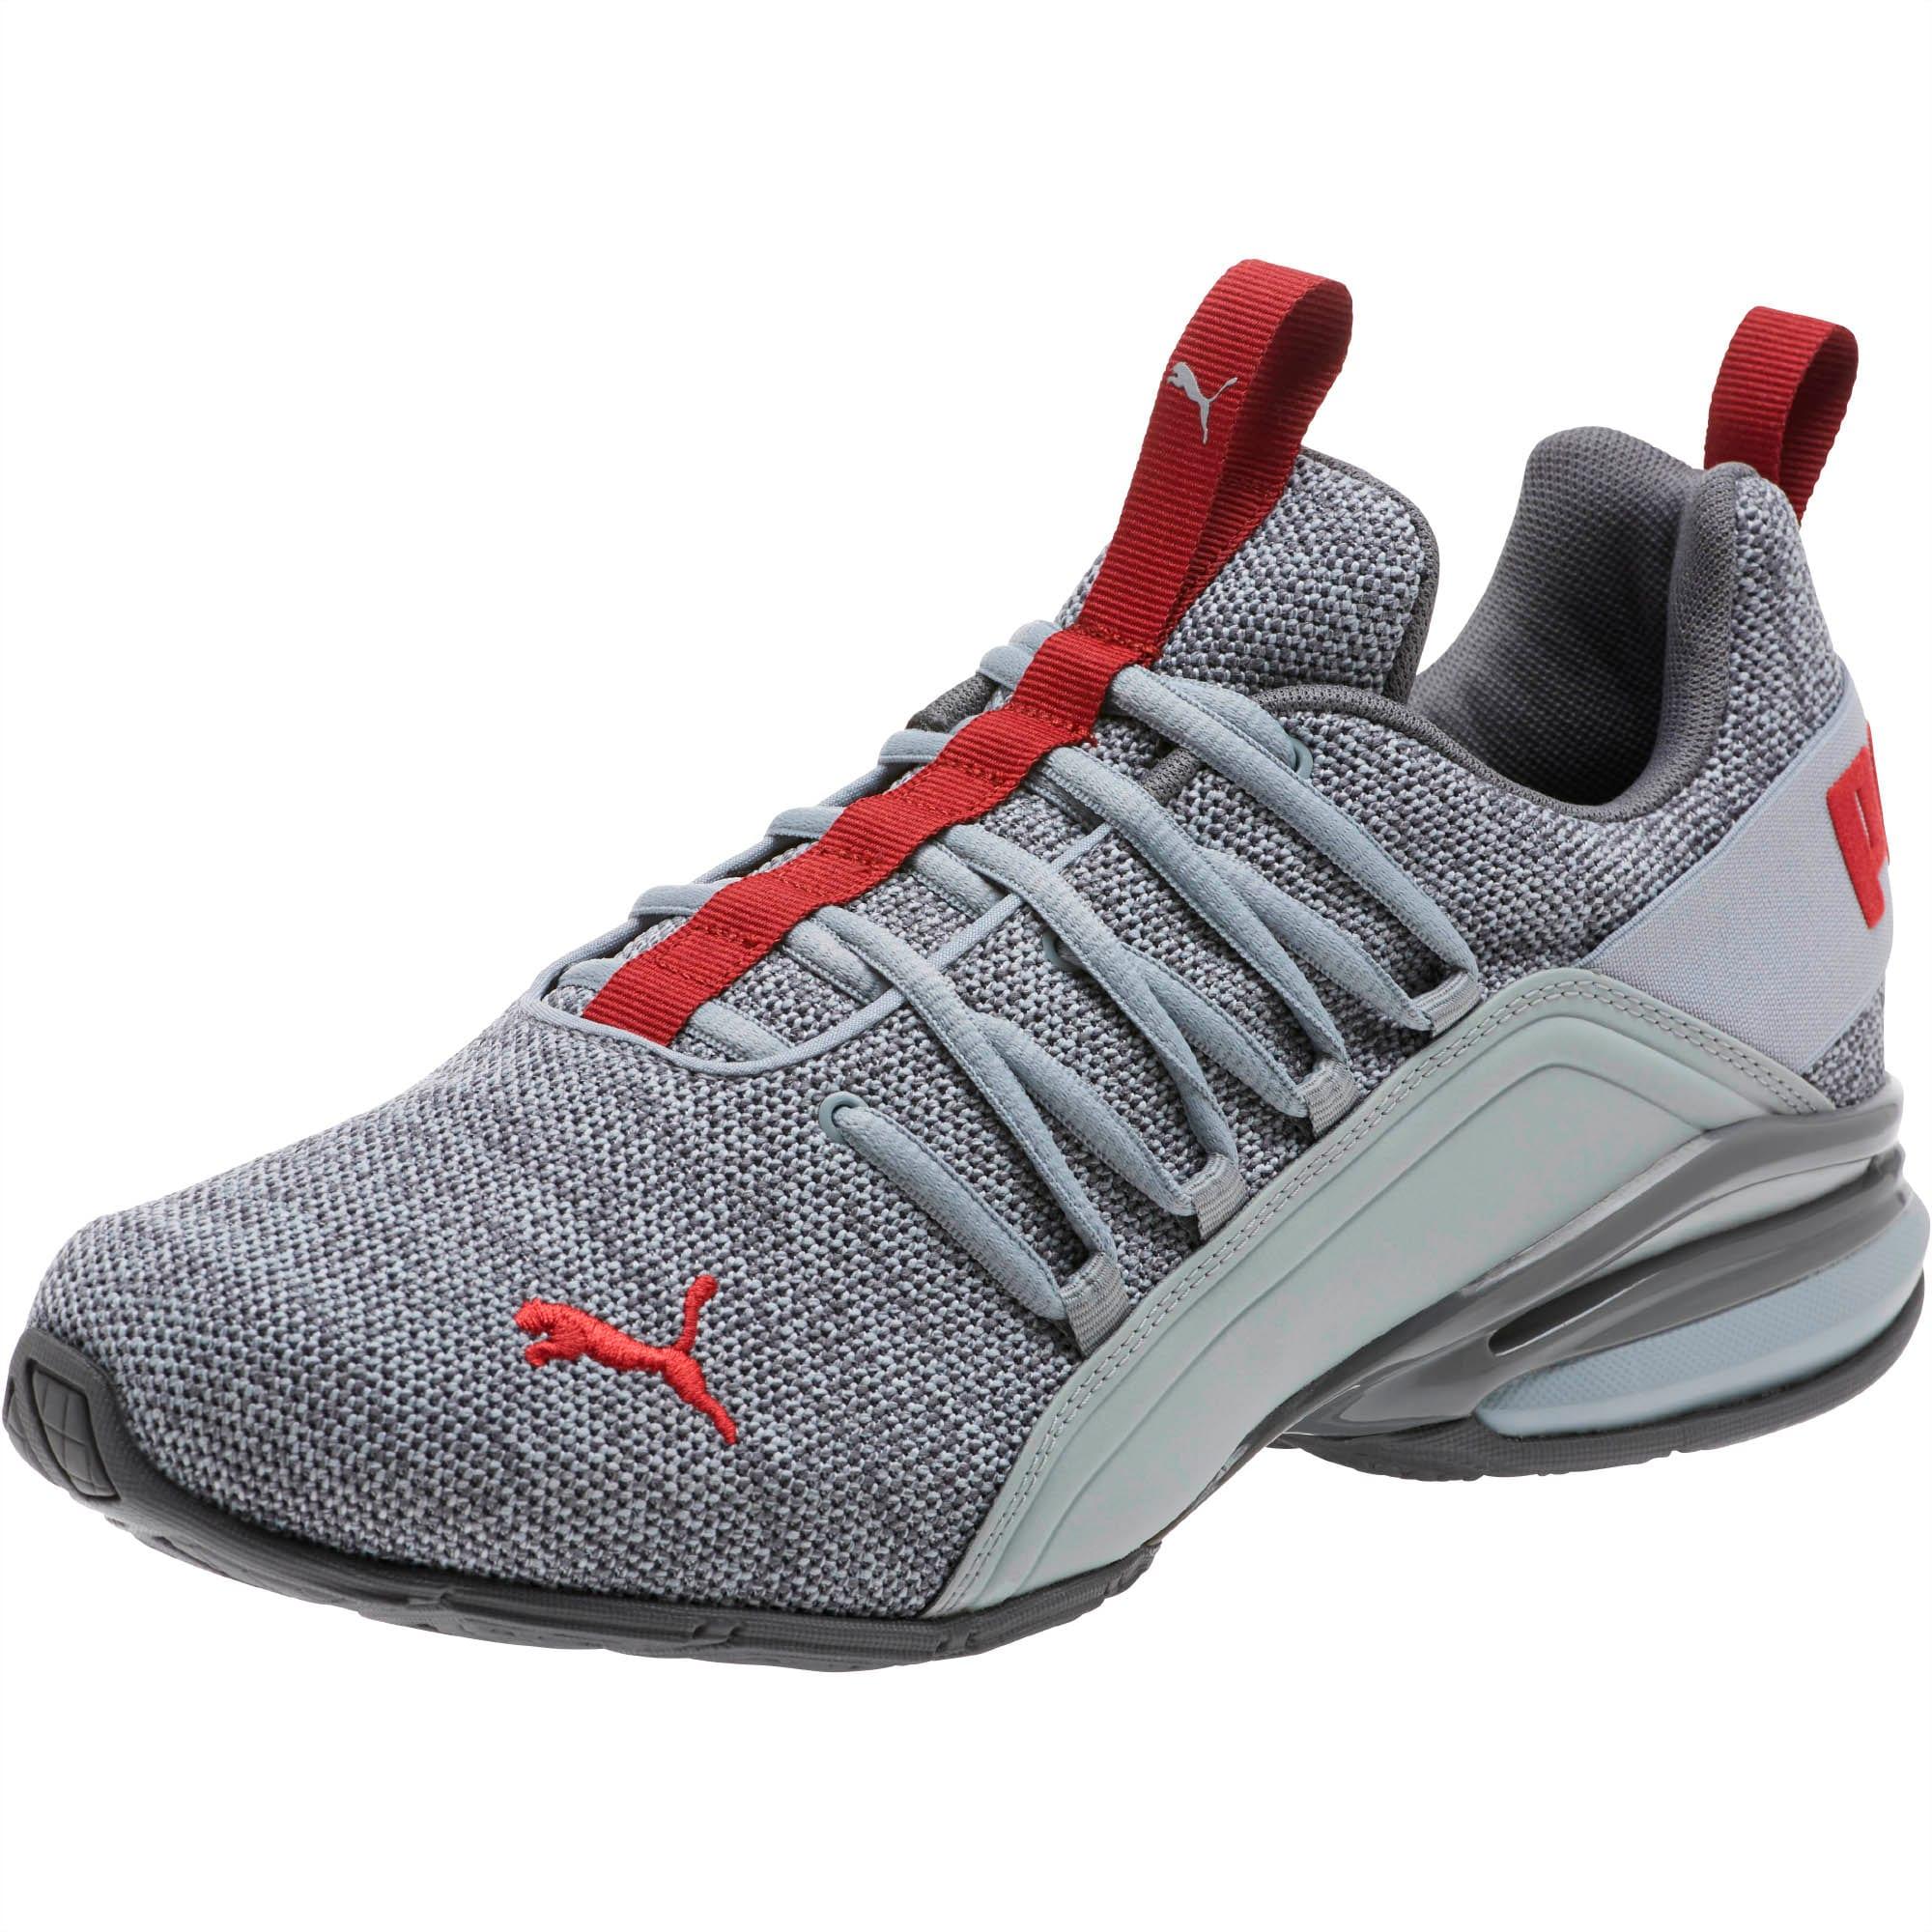 Axelion Men's Training Shoes